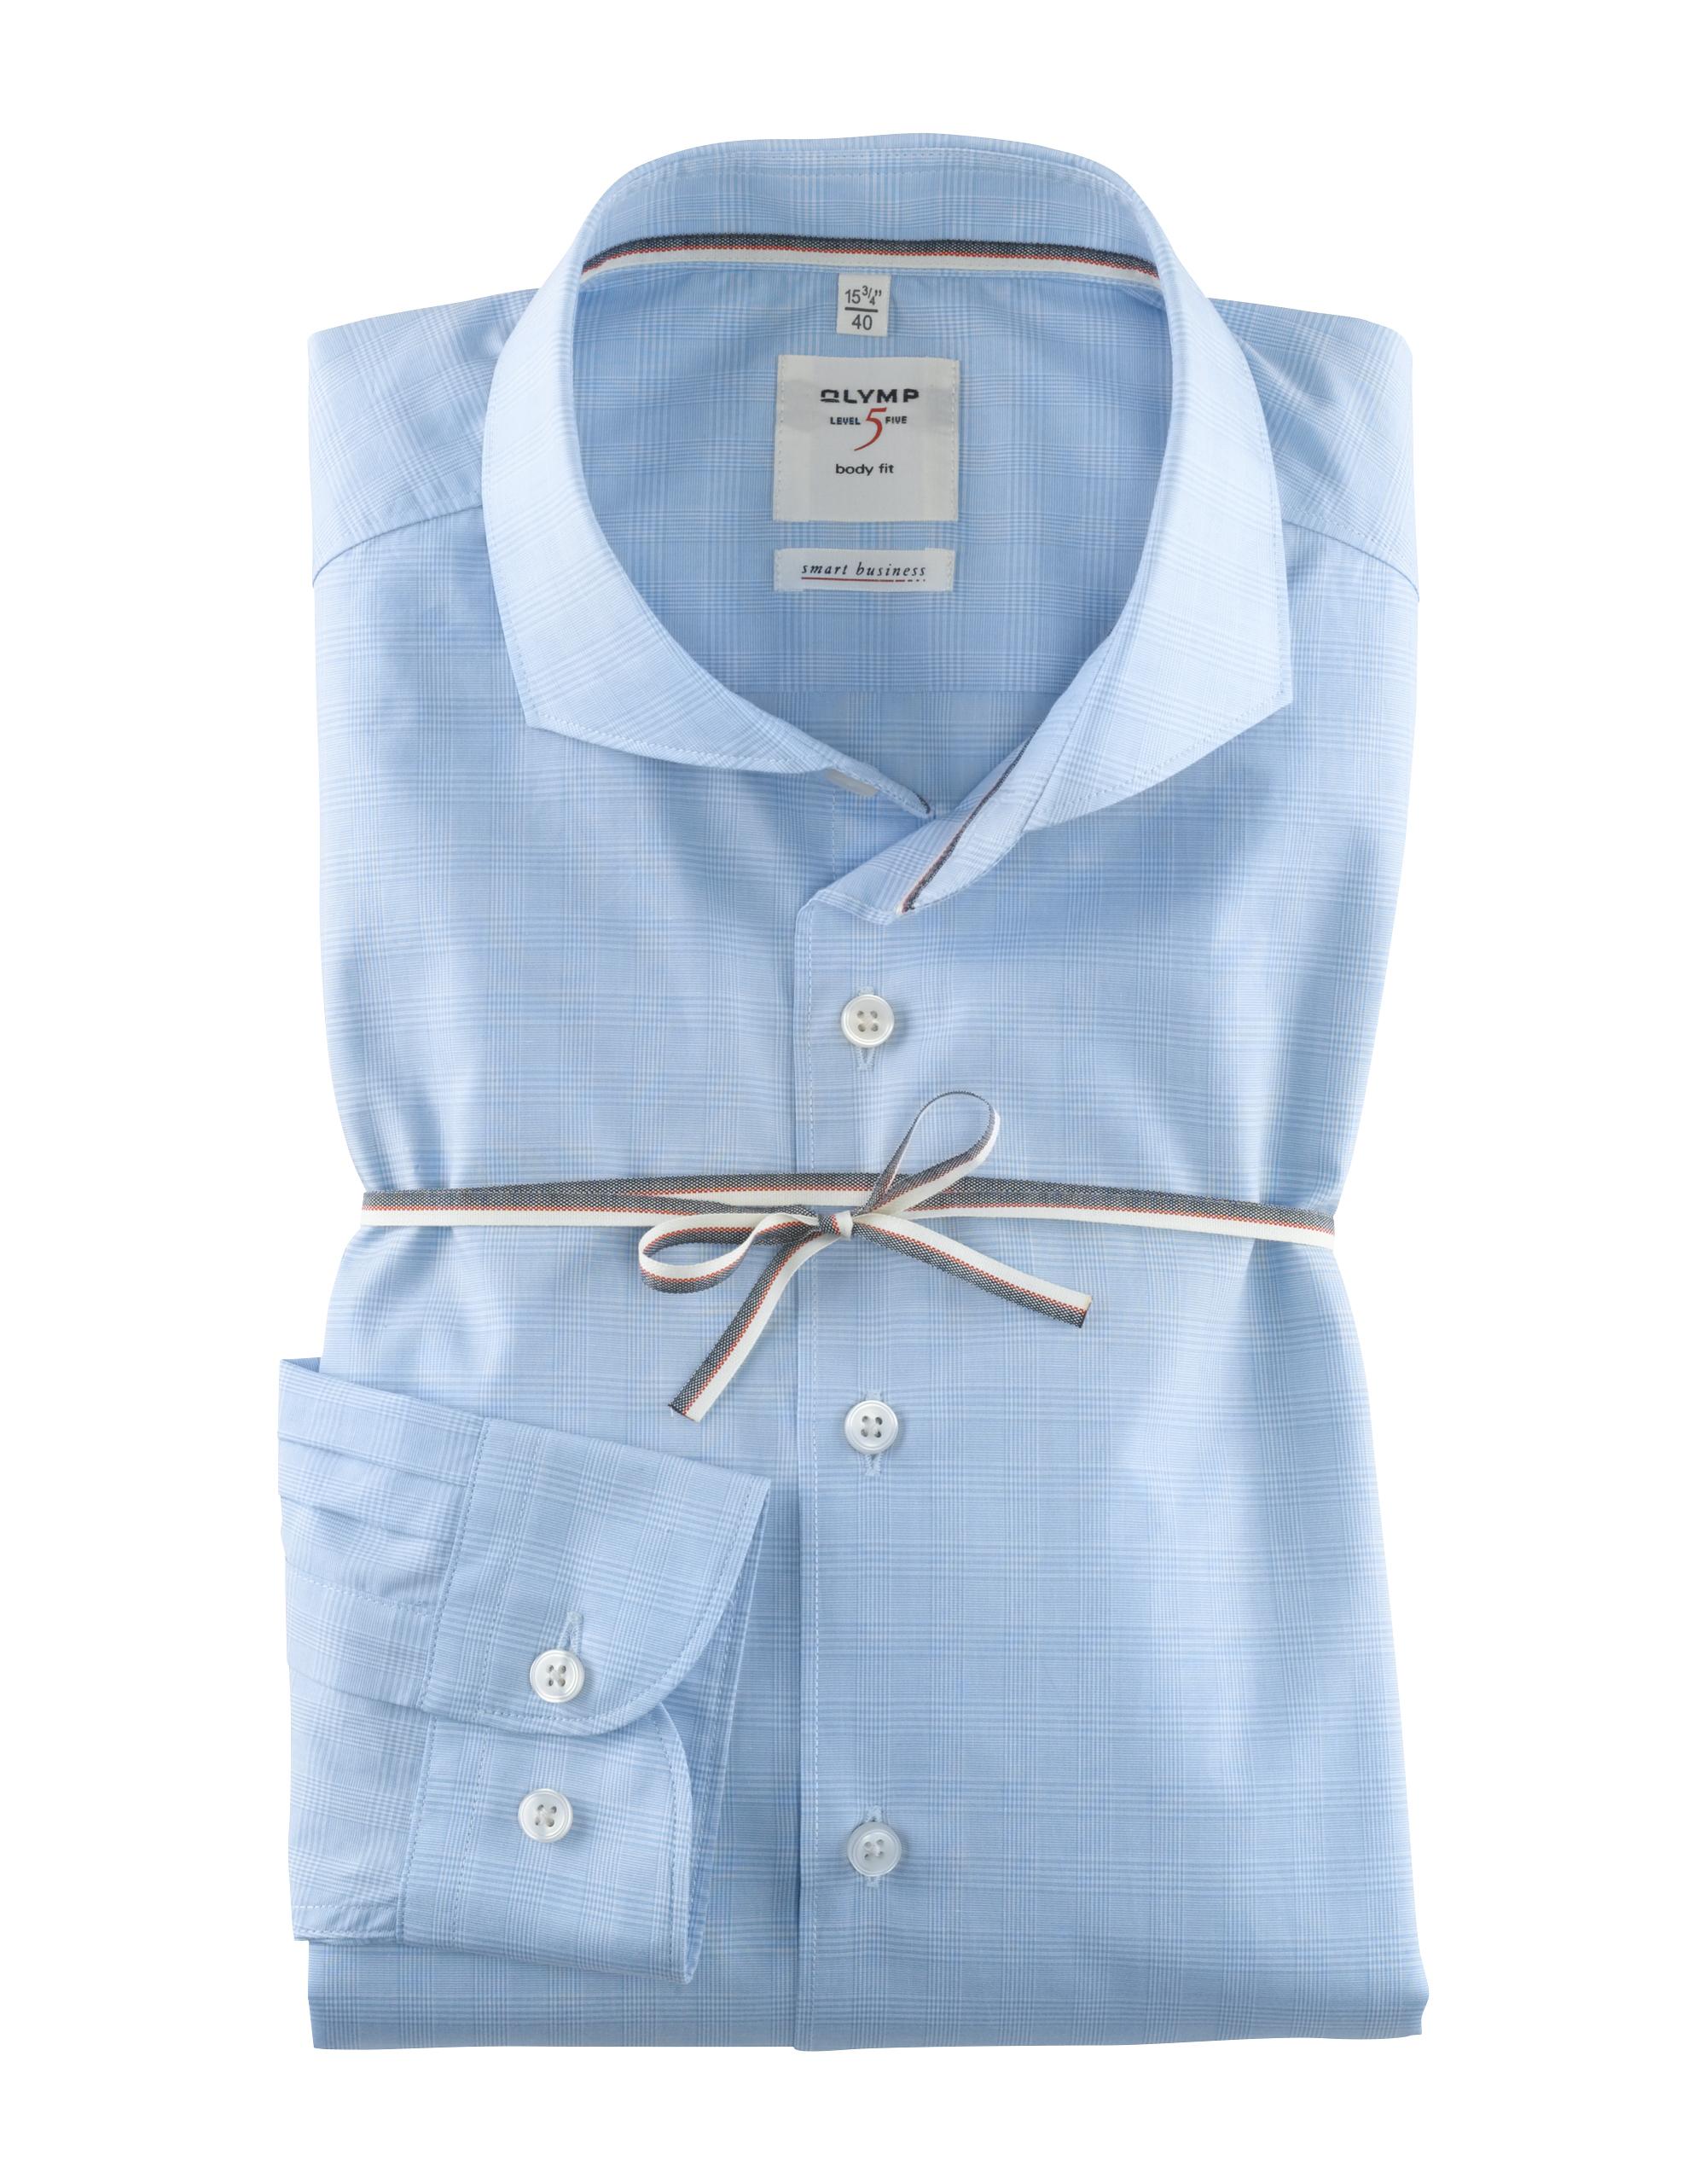 OLYMP Level Five Smart Business Hemd, body fit, Extra langer Arm, Bleu, 39 | Bekleidung > Hemden > Business Hemden | Bleu | 100% baumwolle | OLYMP Level Five Smart Business